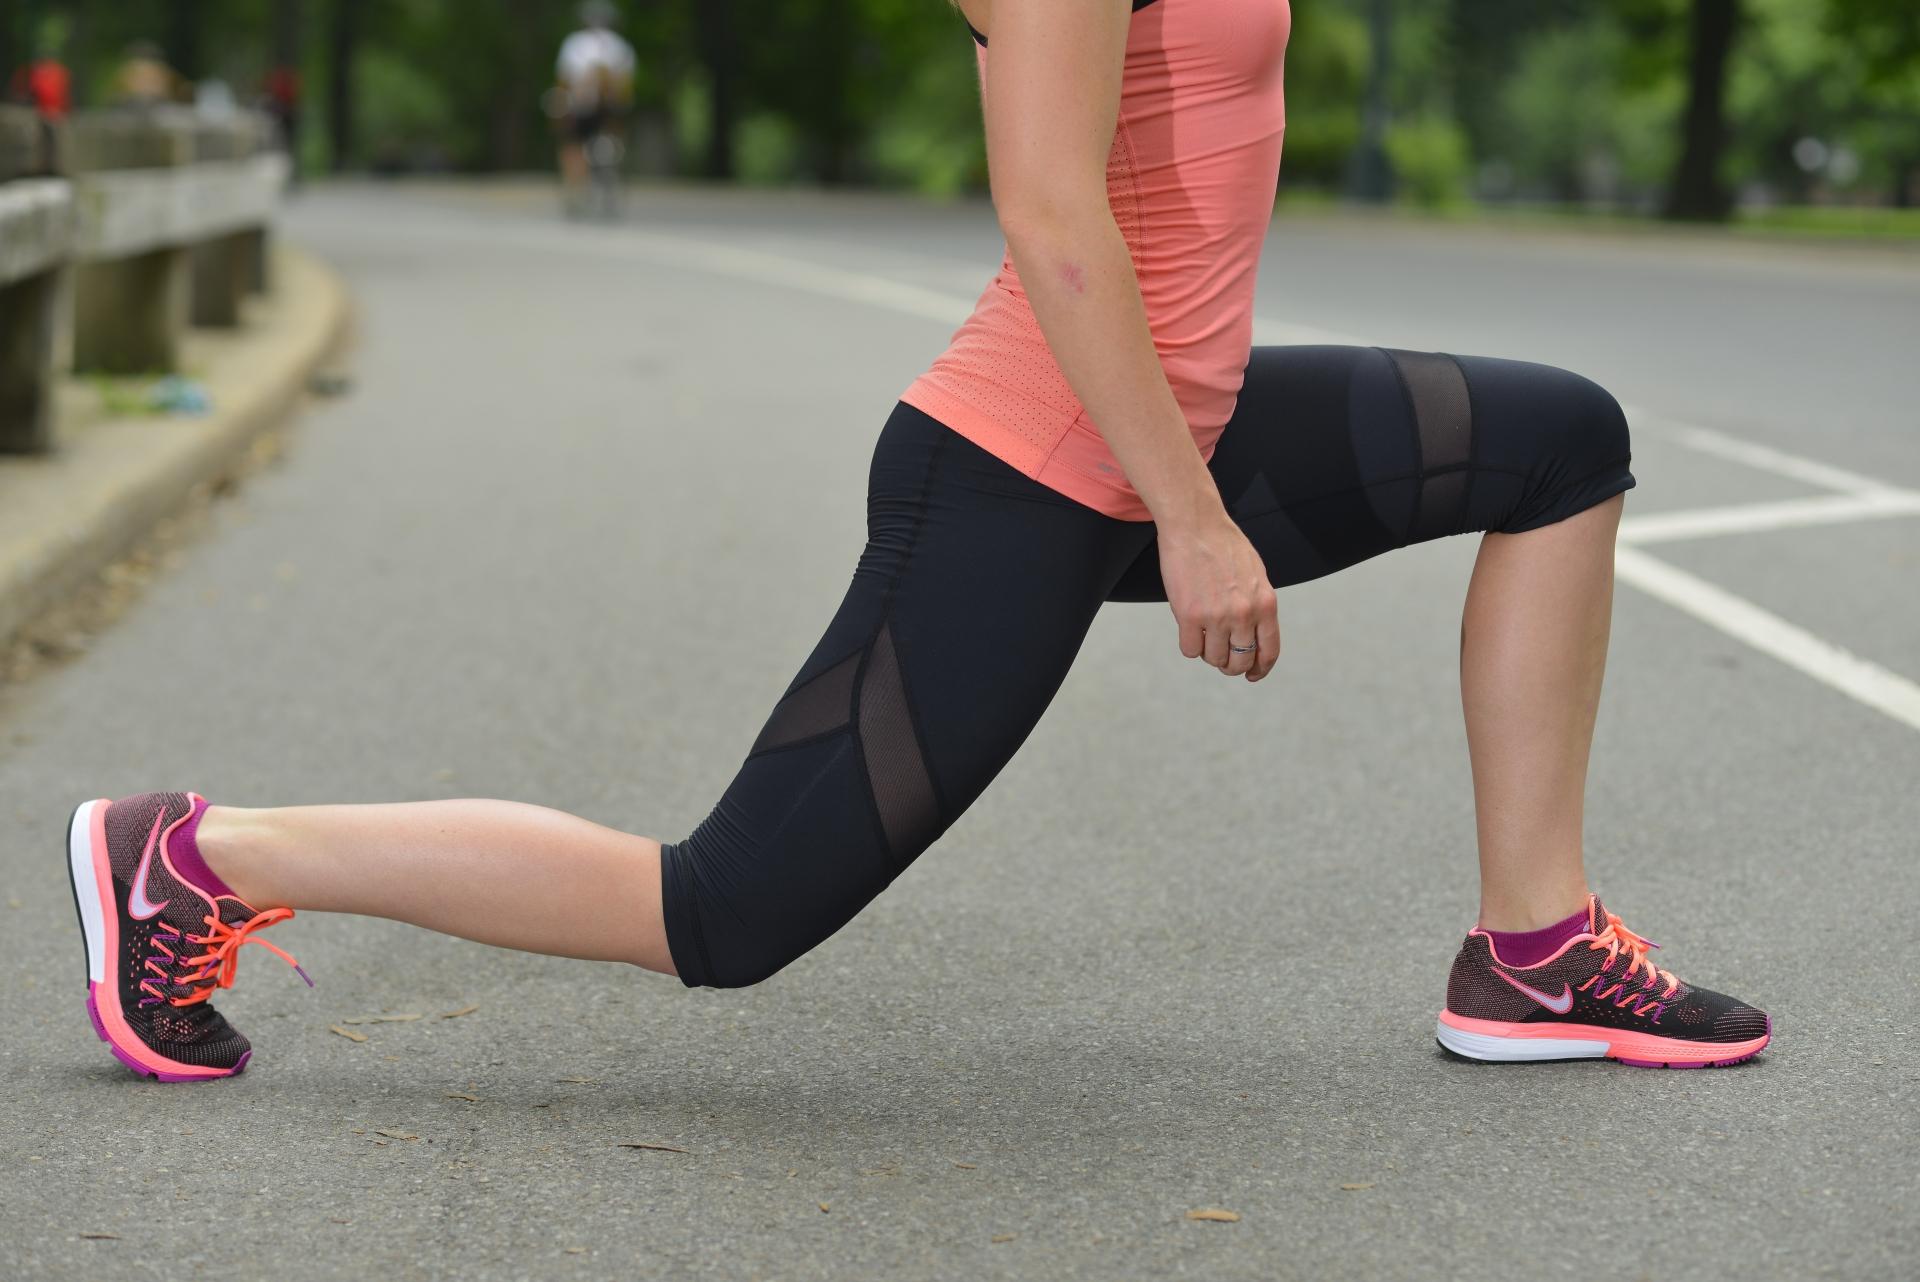 足に筋肉をつければ女子の足は細くなる?美脚の条件